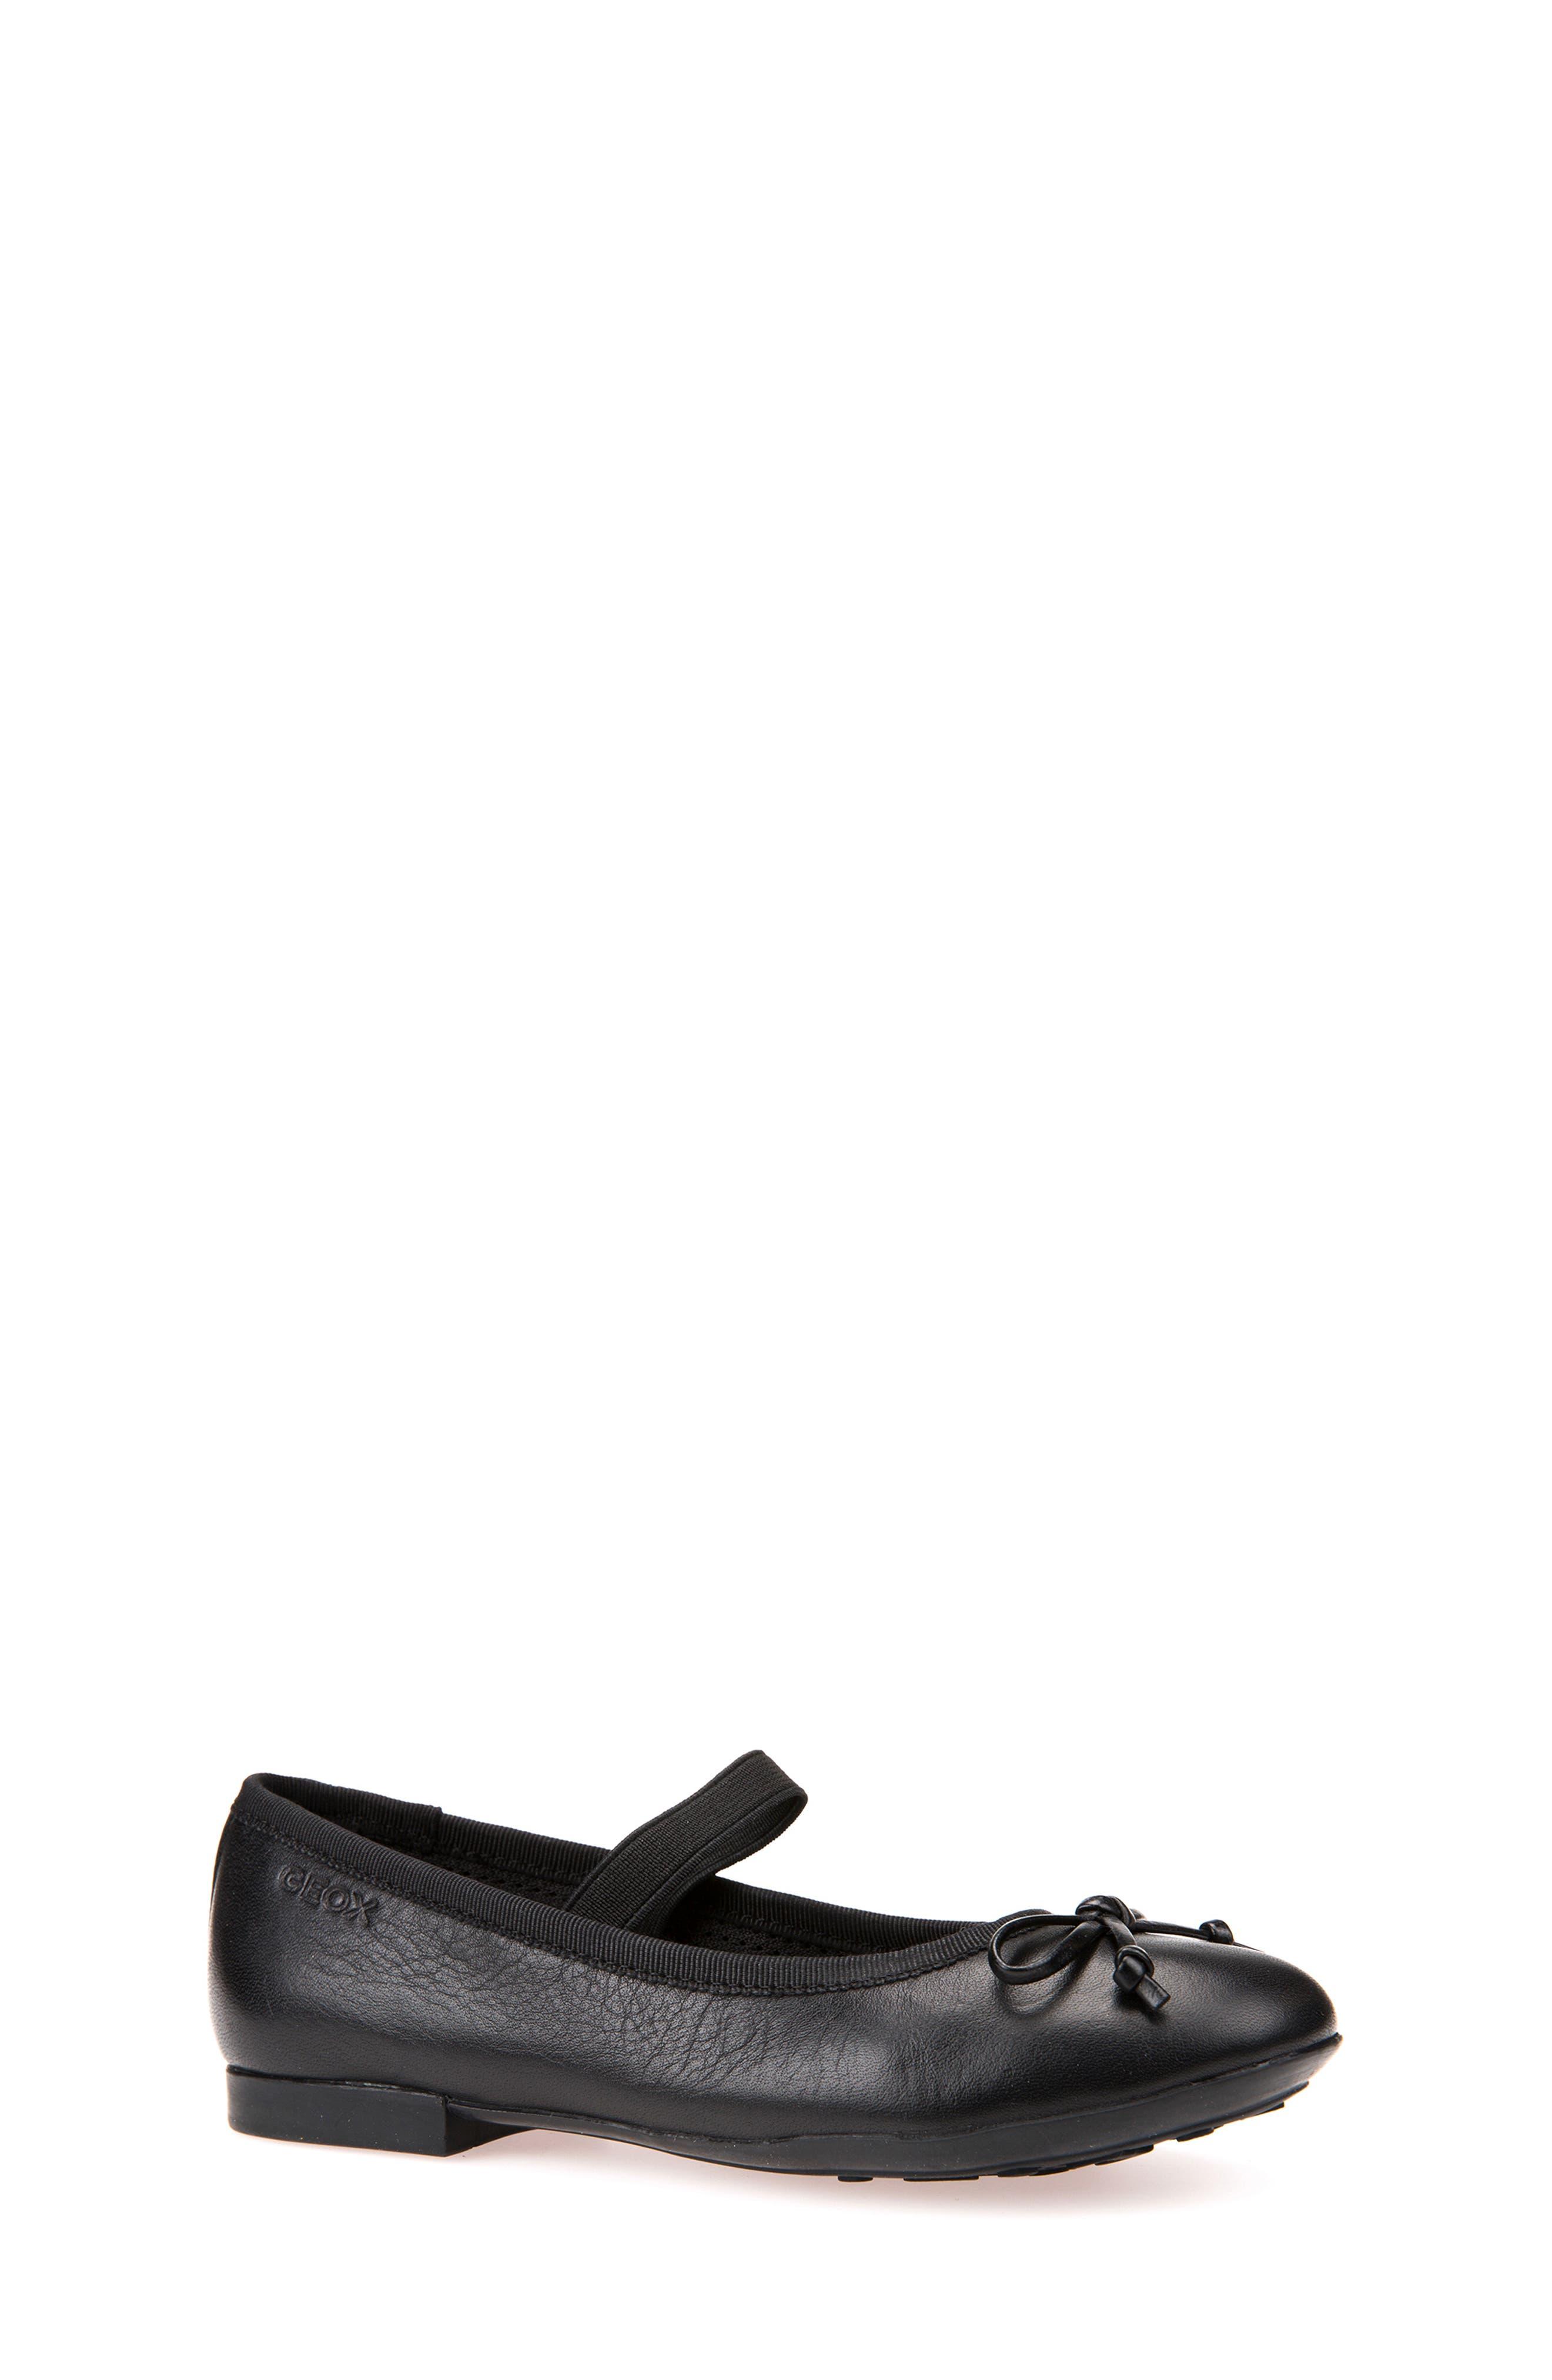 Plie Leather Ballet Flat,                         Main,                         color, BLACK